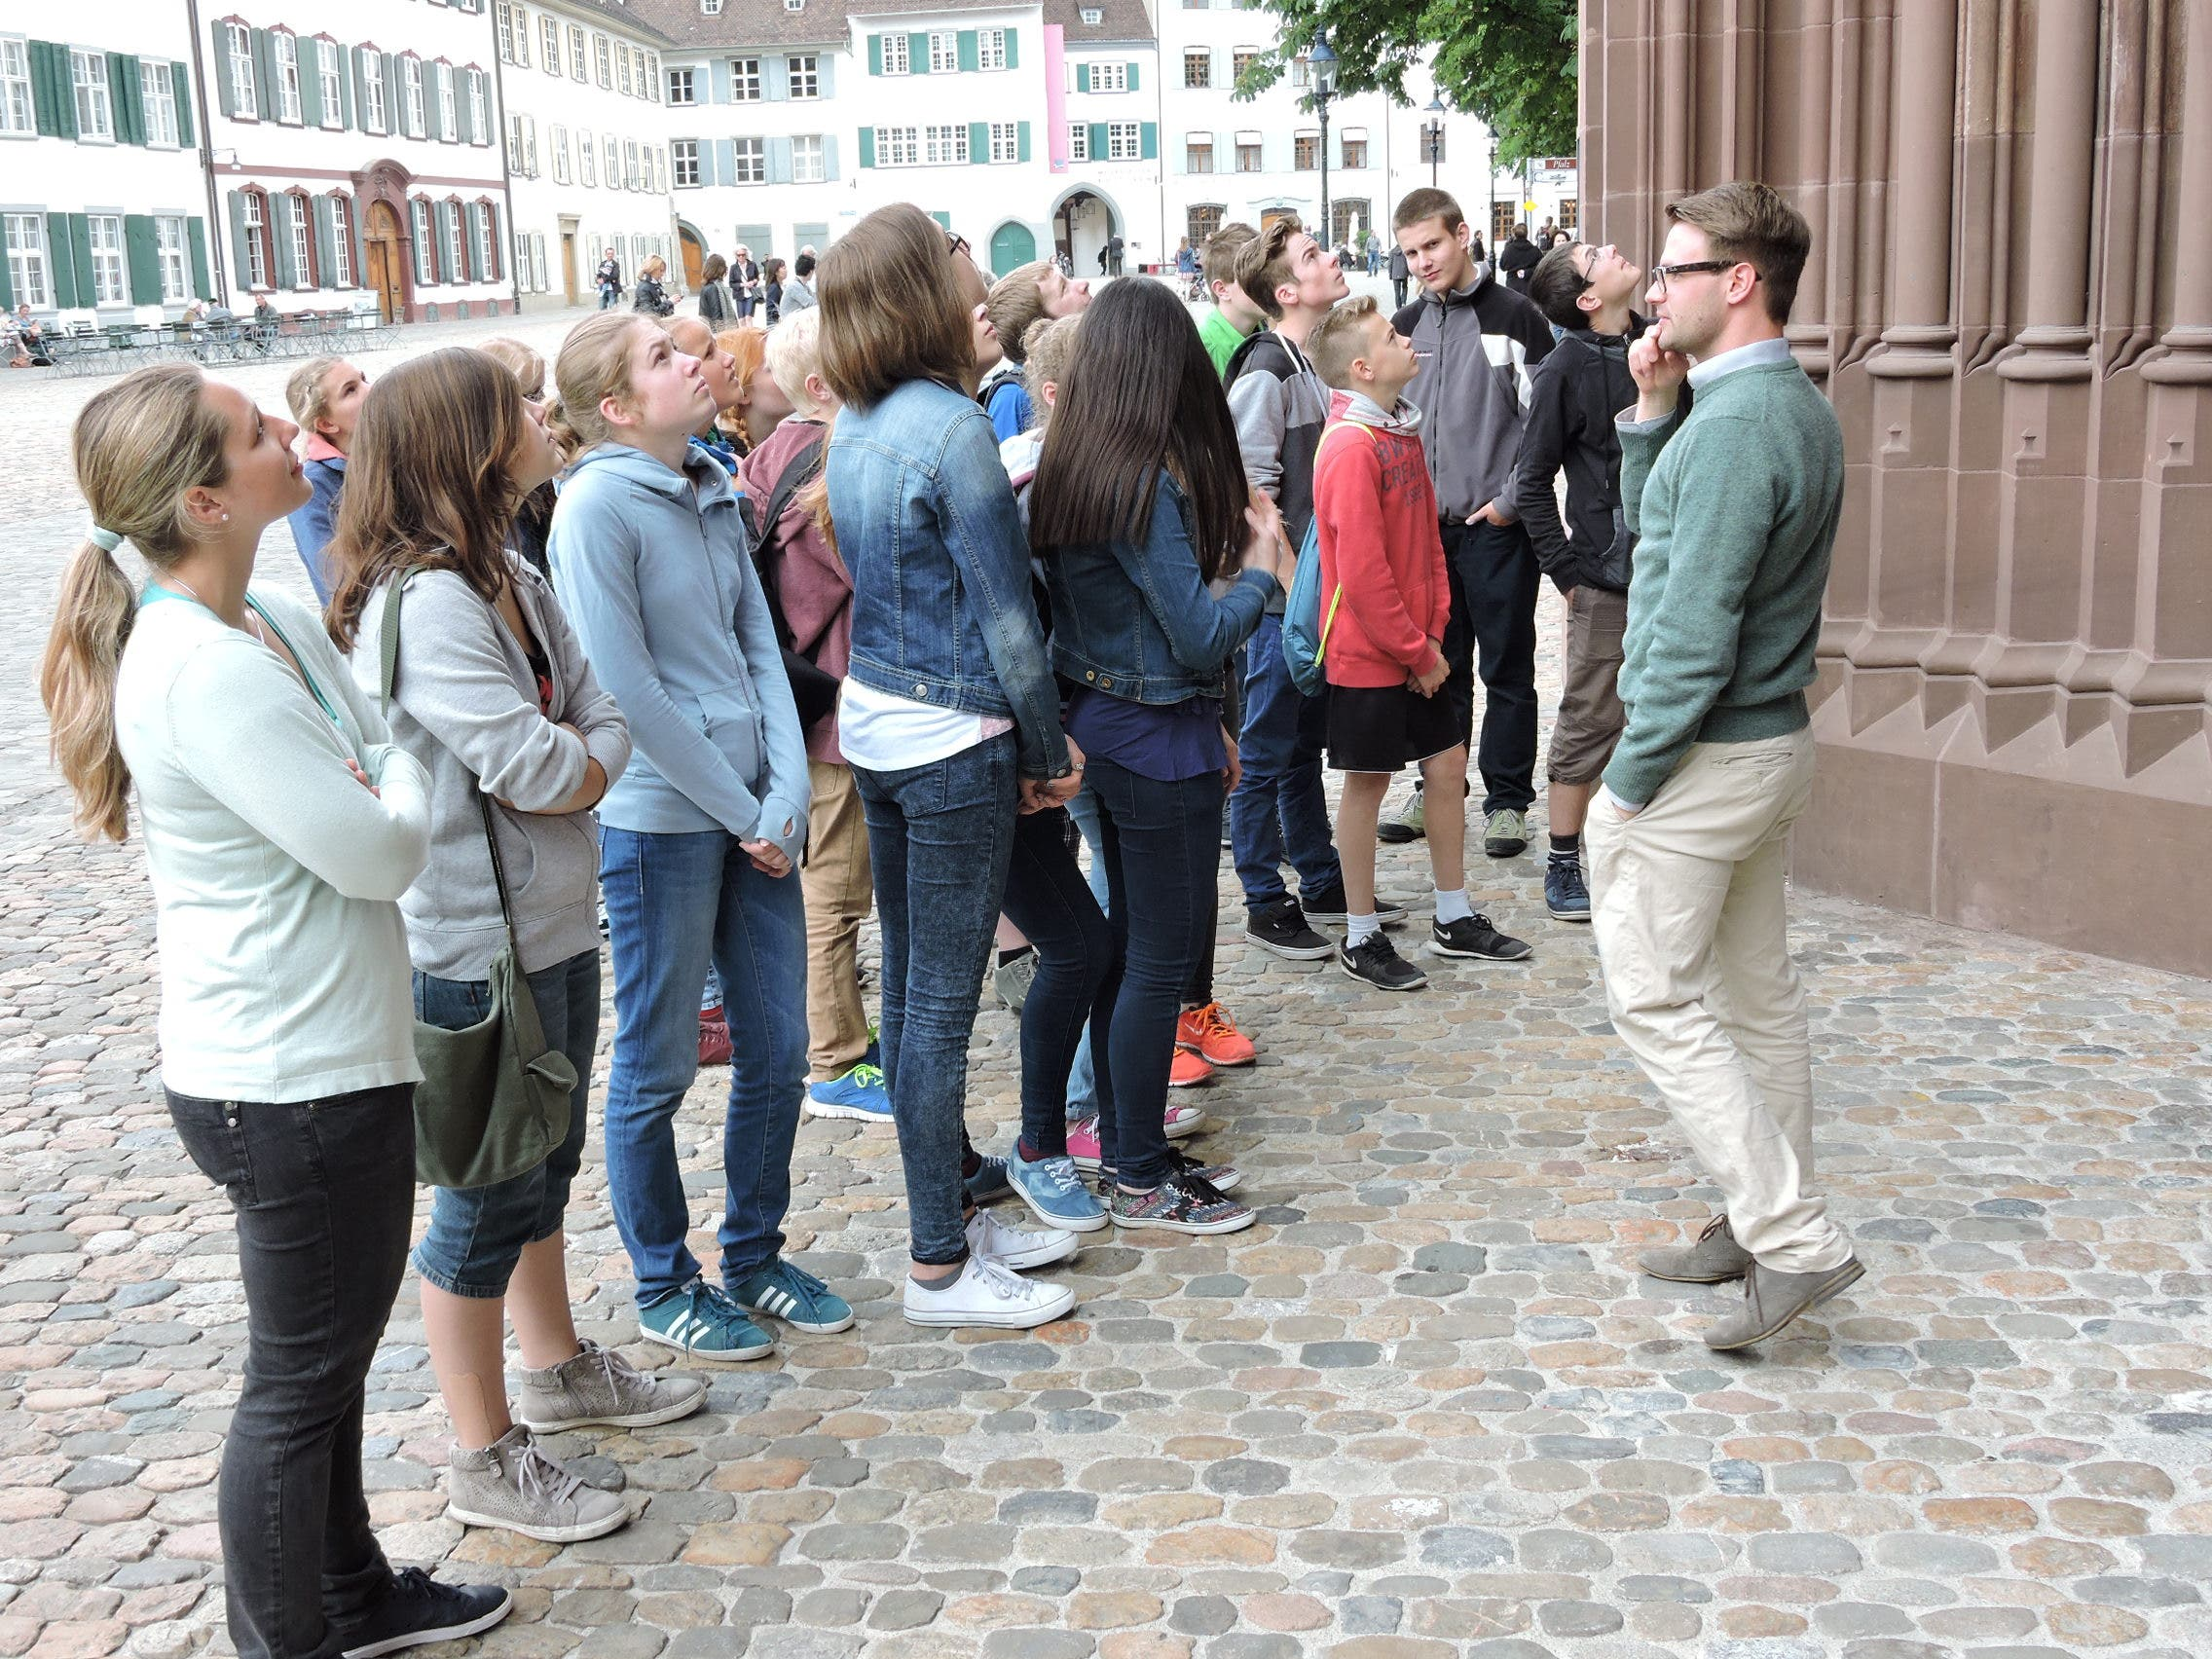 PräpWE2015_15.JPG Vor dem Basler Münster